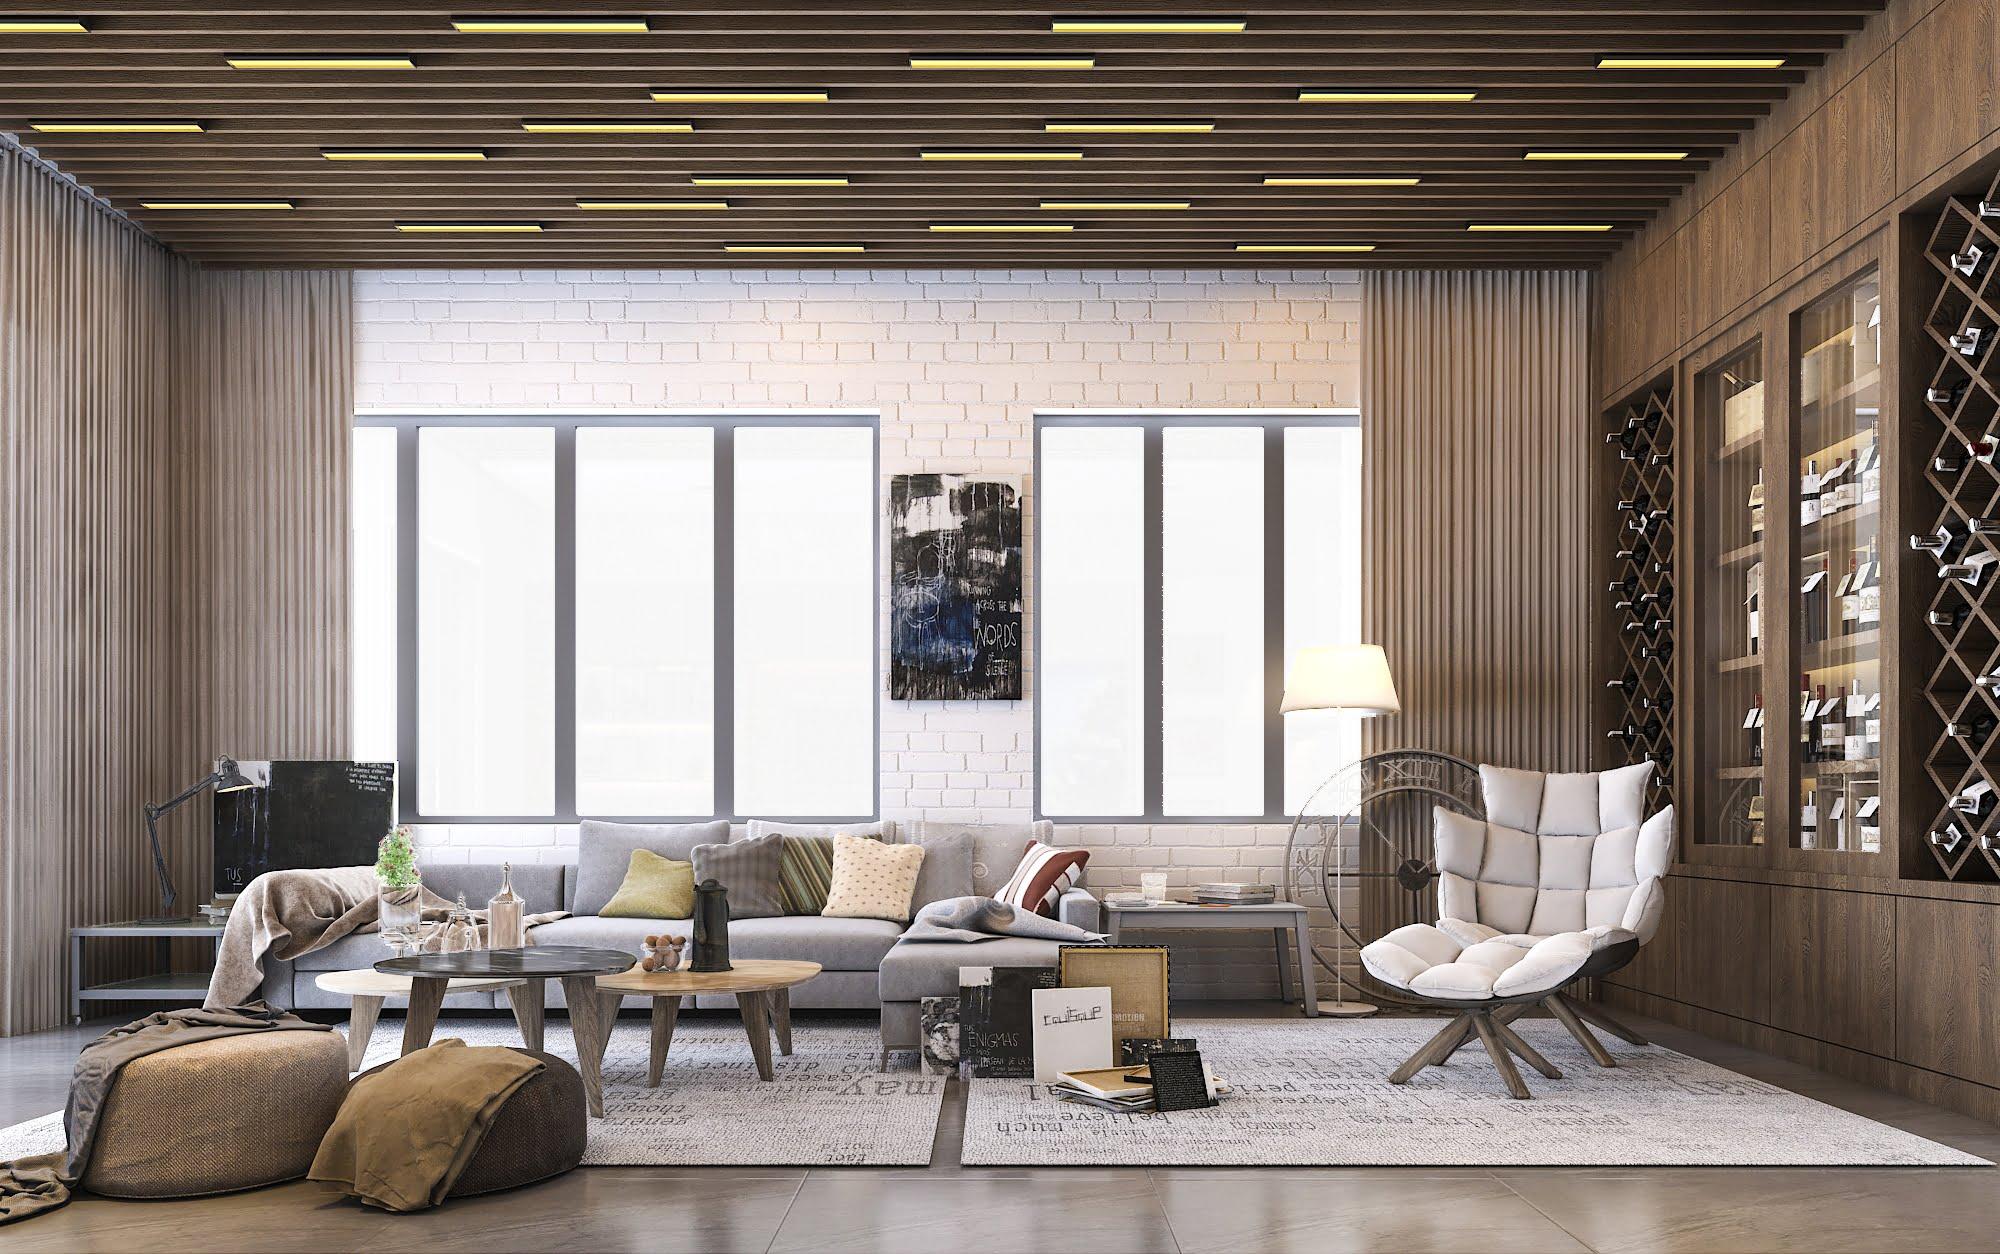 biệt thự 3 tầng có gara hiện đại đẹp 7